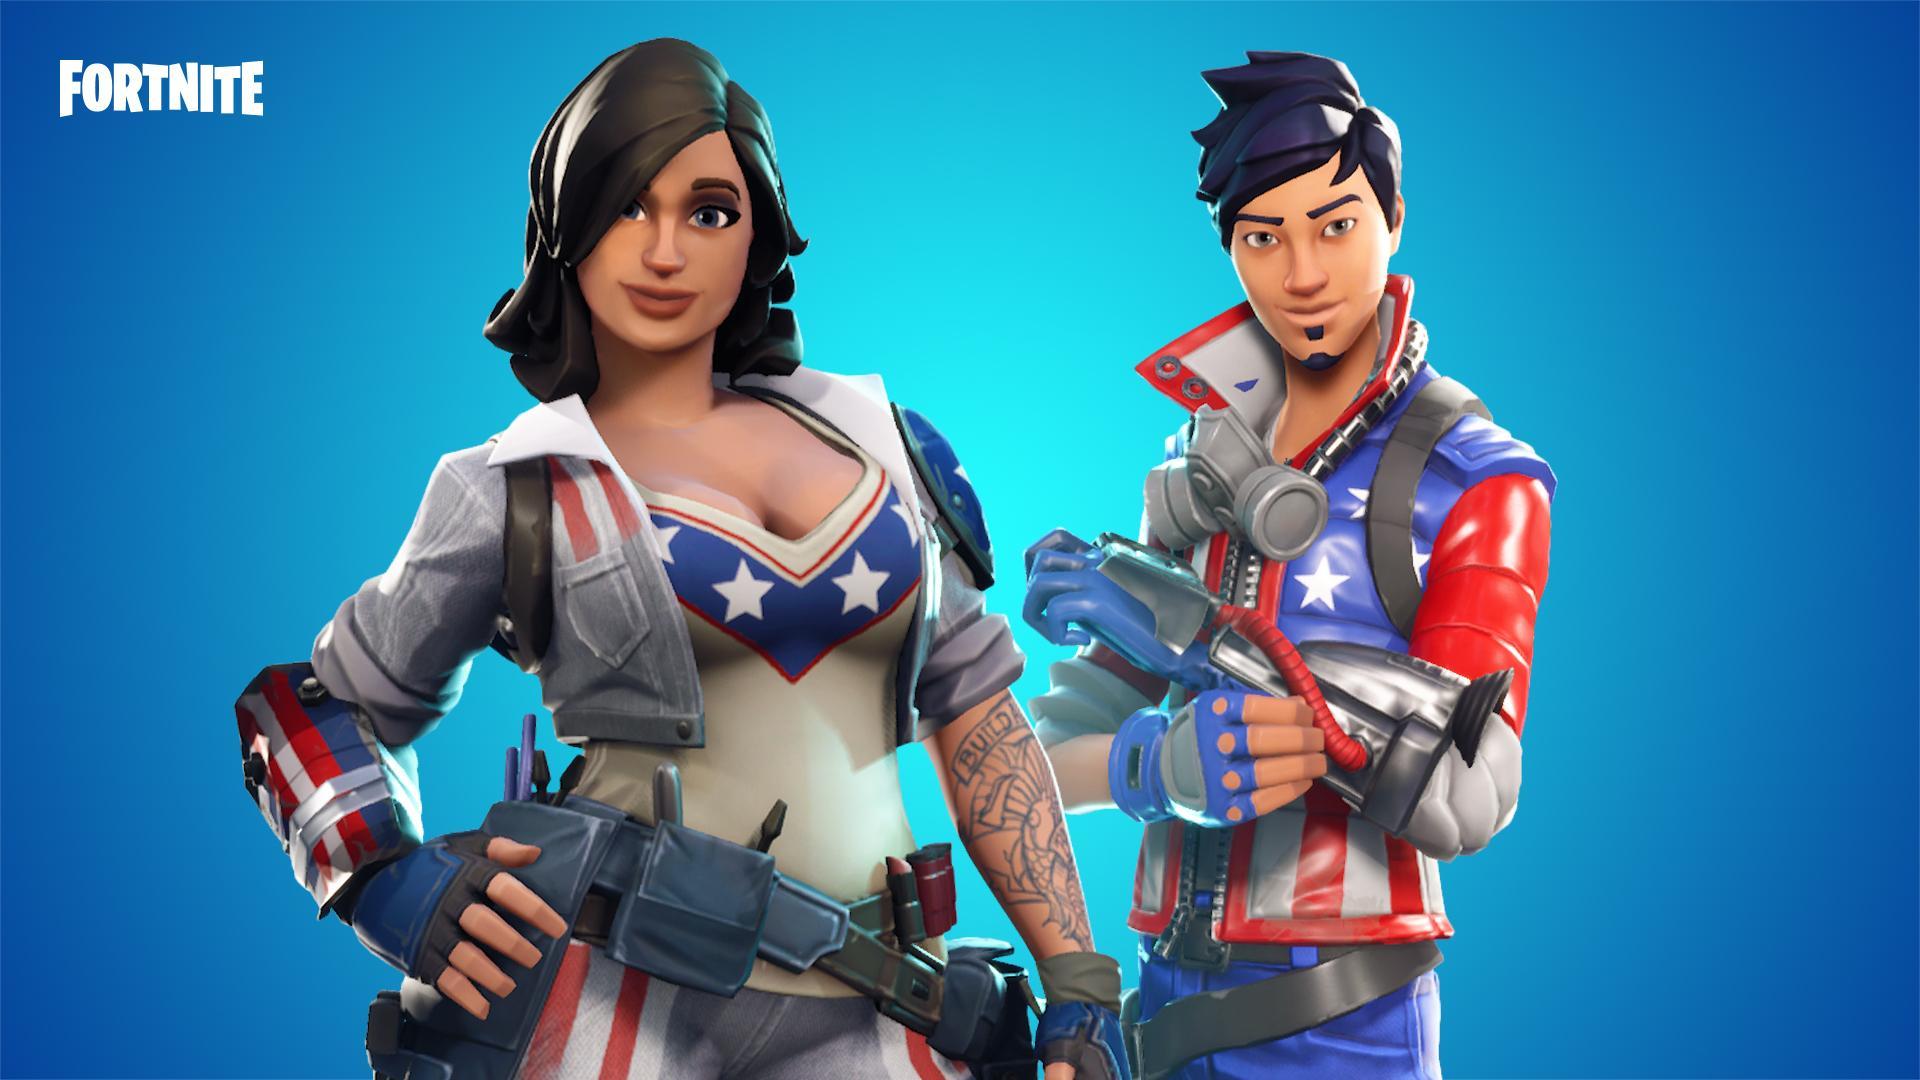 herois patriotas salve o mundo comemore a independencia norte americana com os herois patriotas encontre os na loja de evento por tempo limitado - fortnite salve o mundo personagens